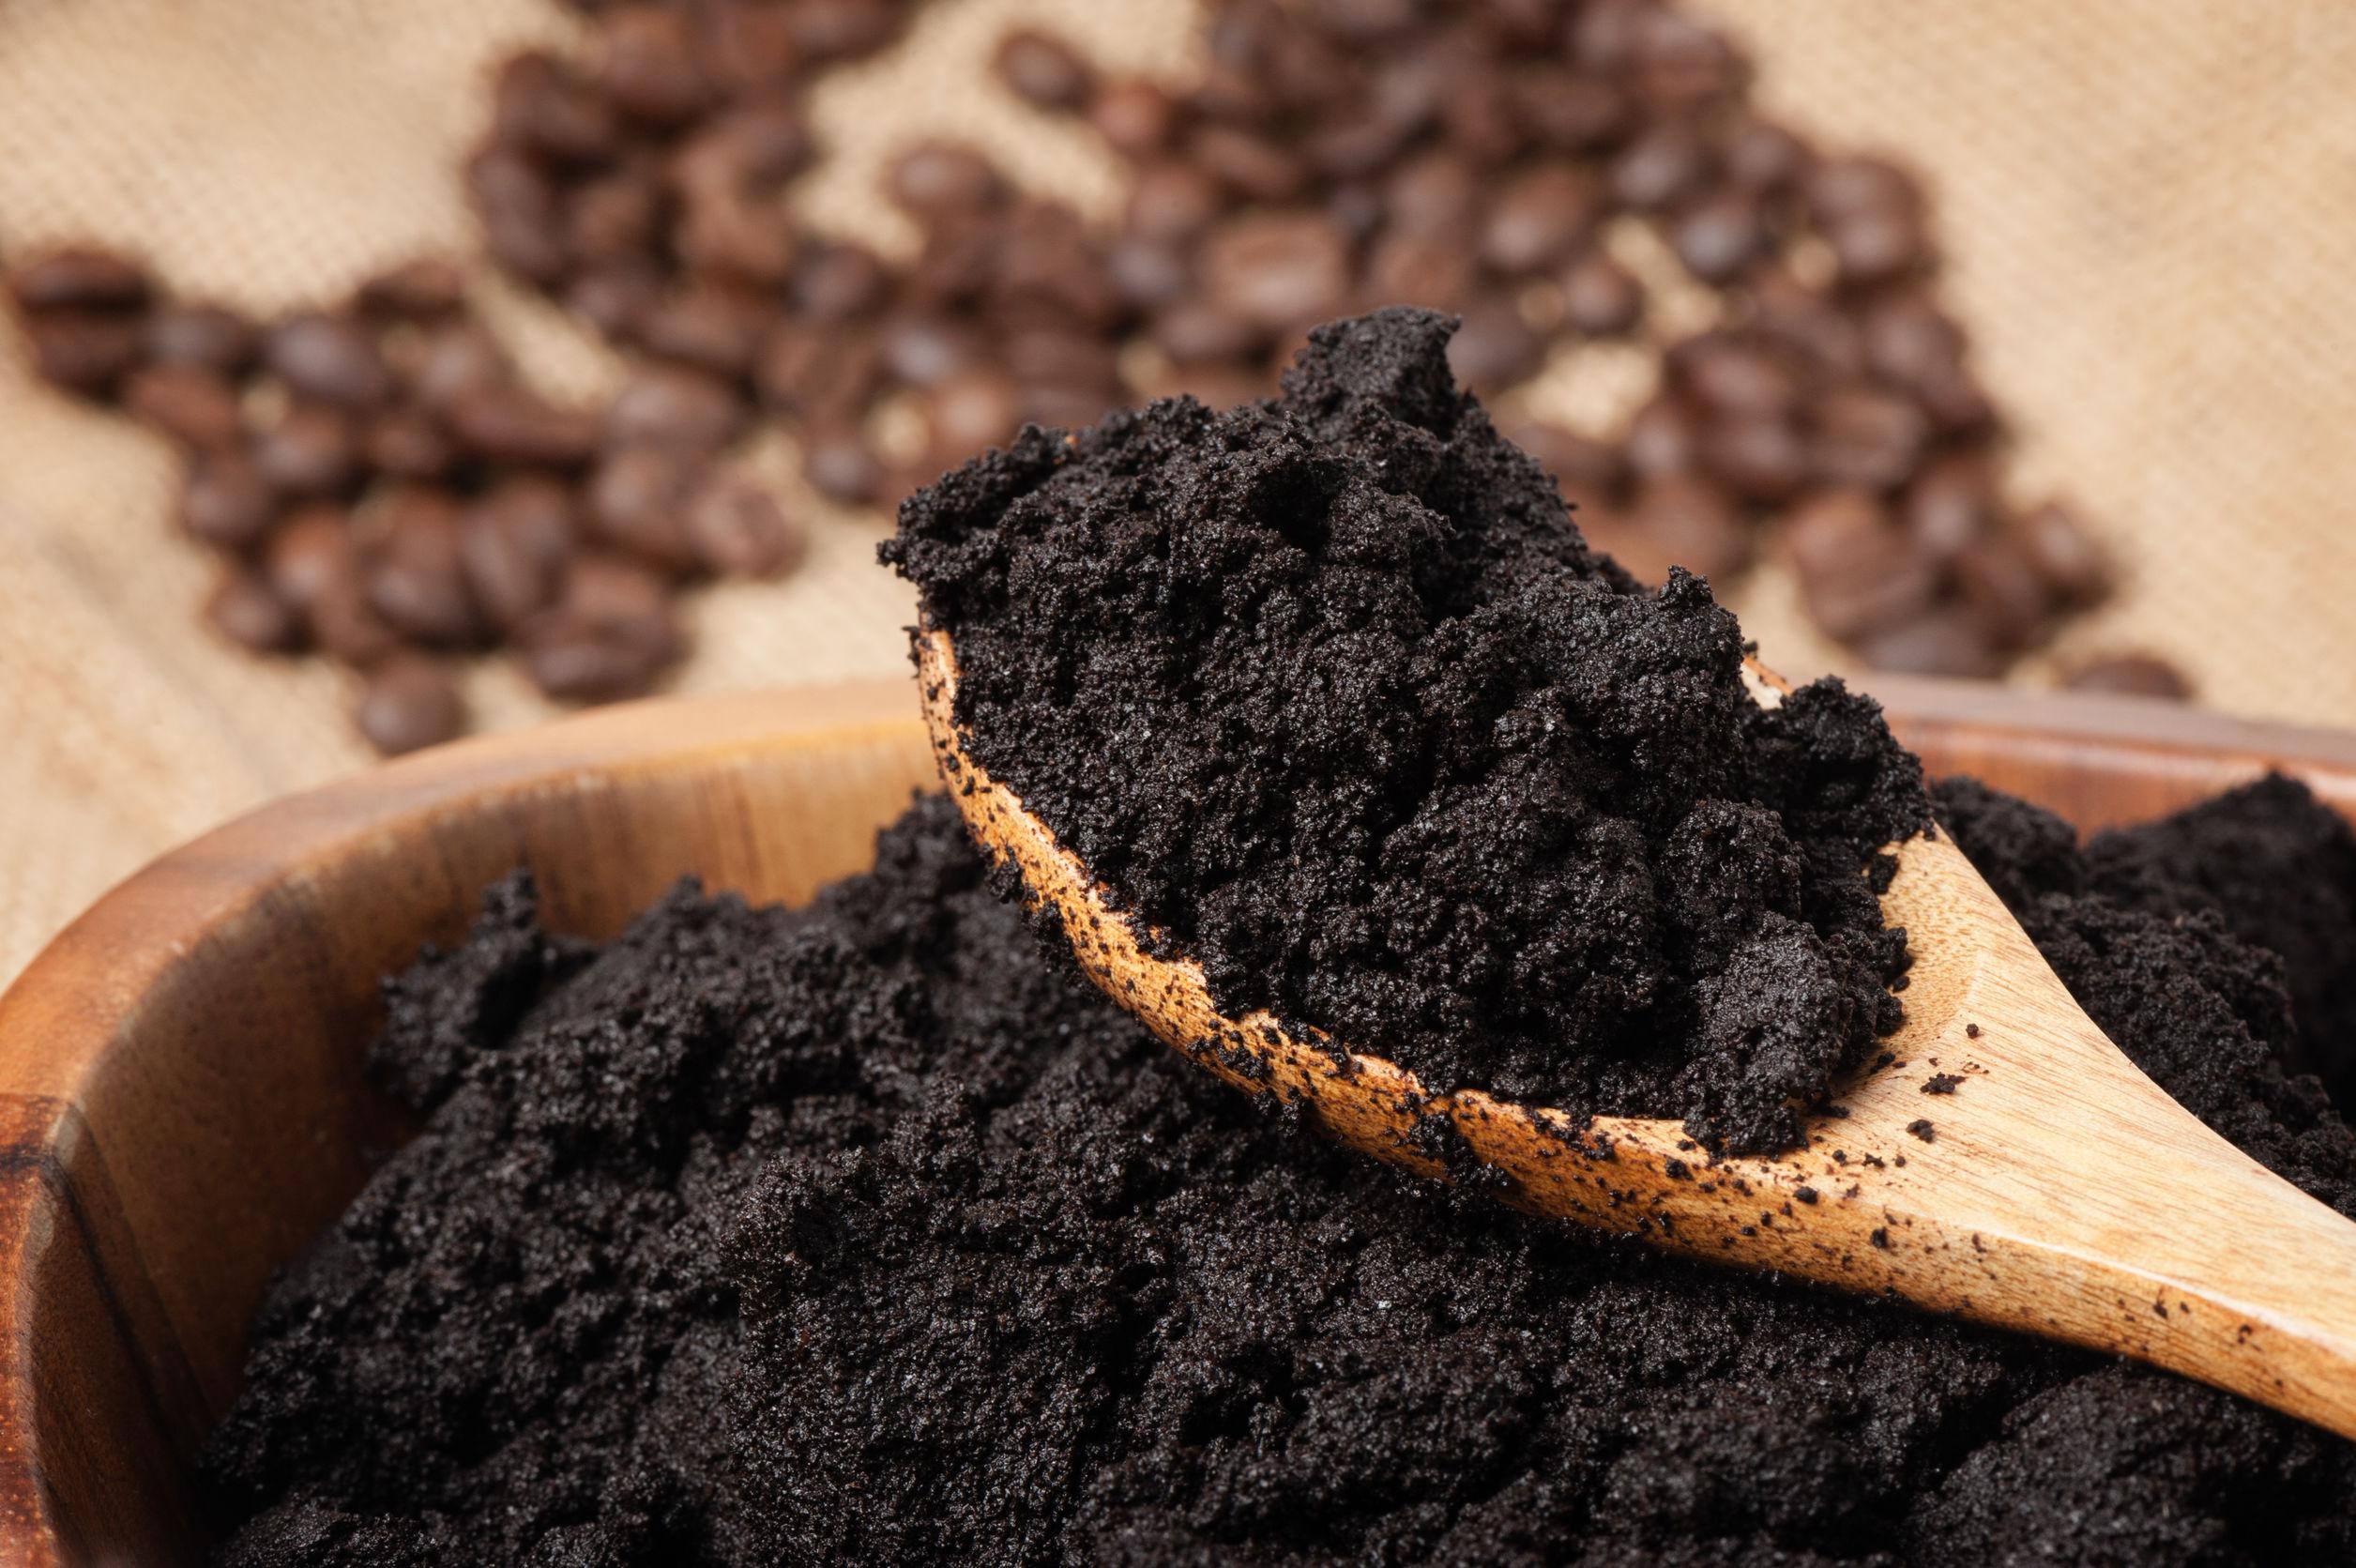 Lógr z kávy, k čemu všemu se dá použít?